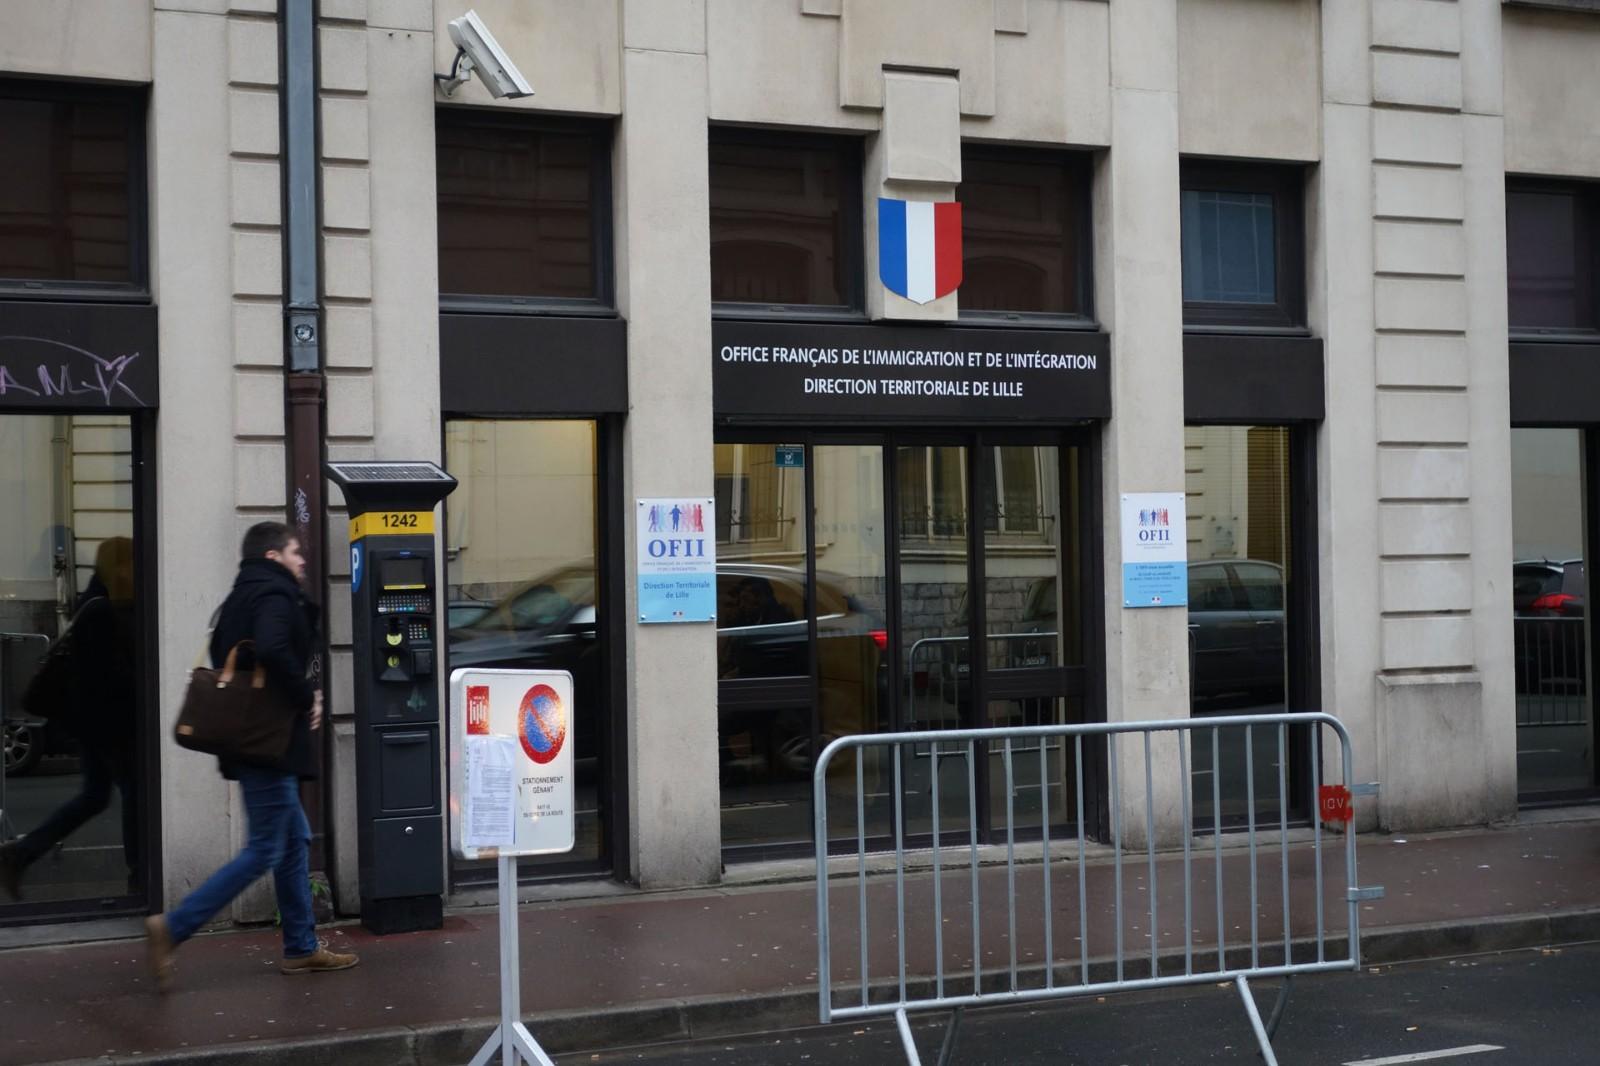 留学法国很难吗?——初到法国二三事(一)